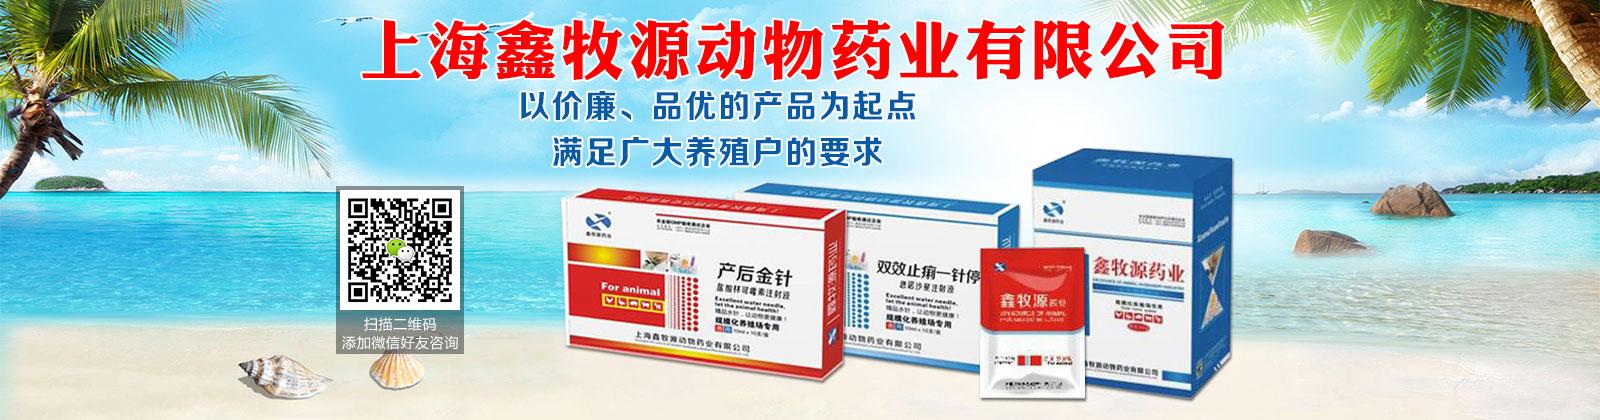 上海鑫牧源动物药业有限公司